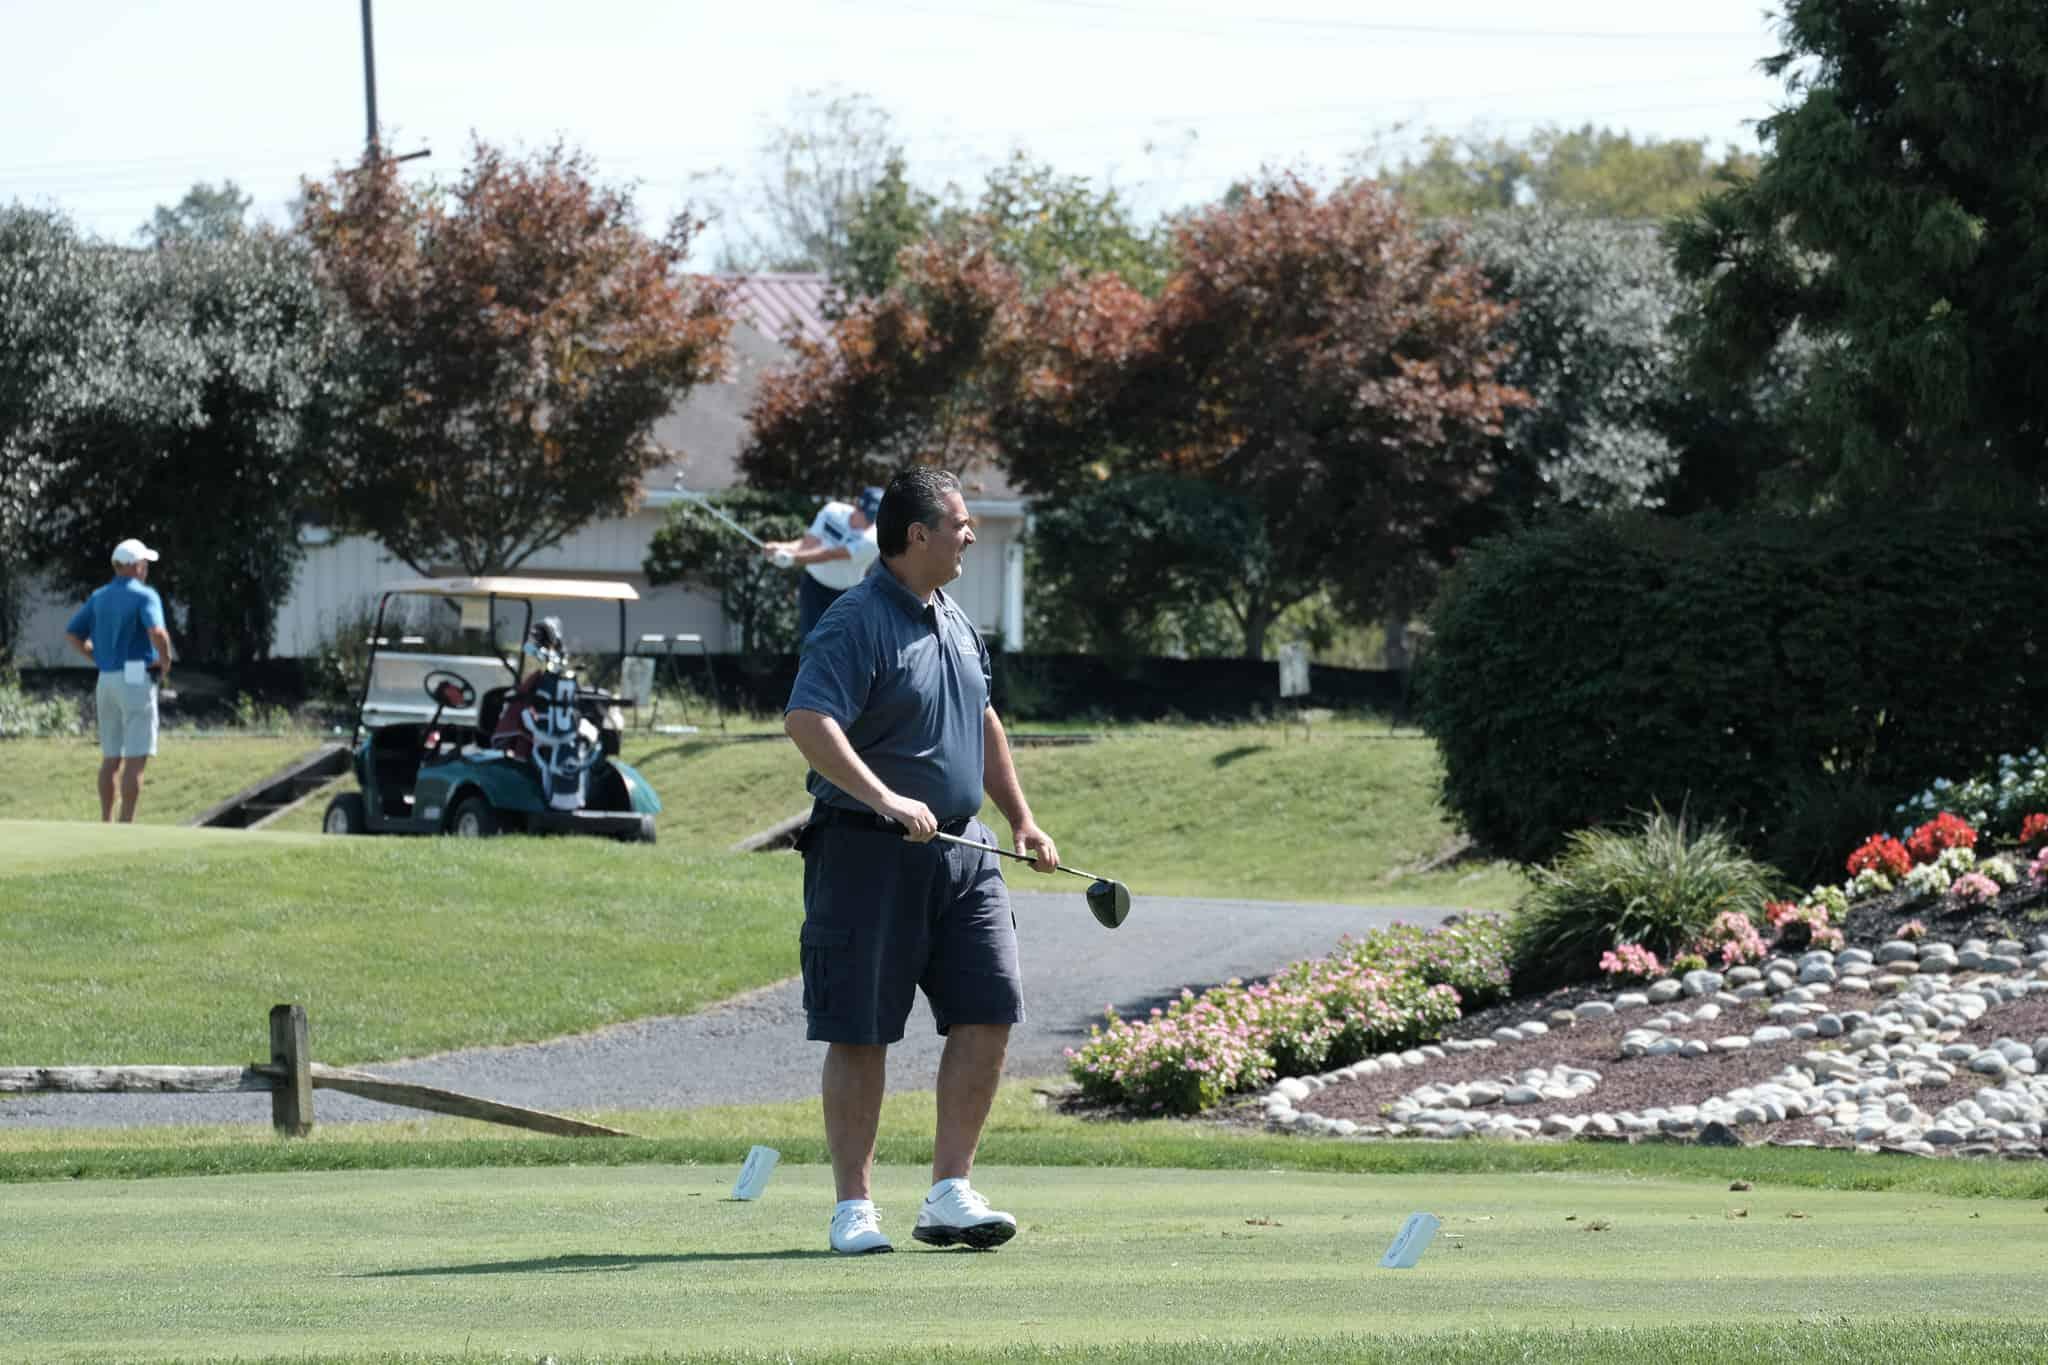 GolfOuting2019 (13 of 61)